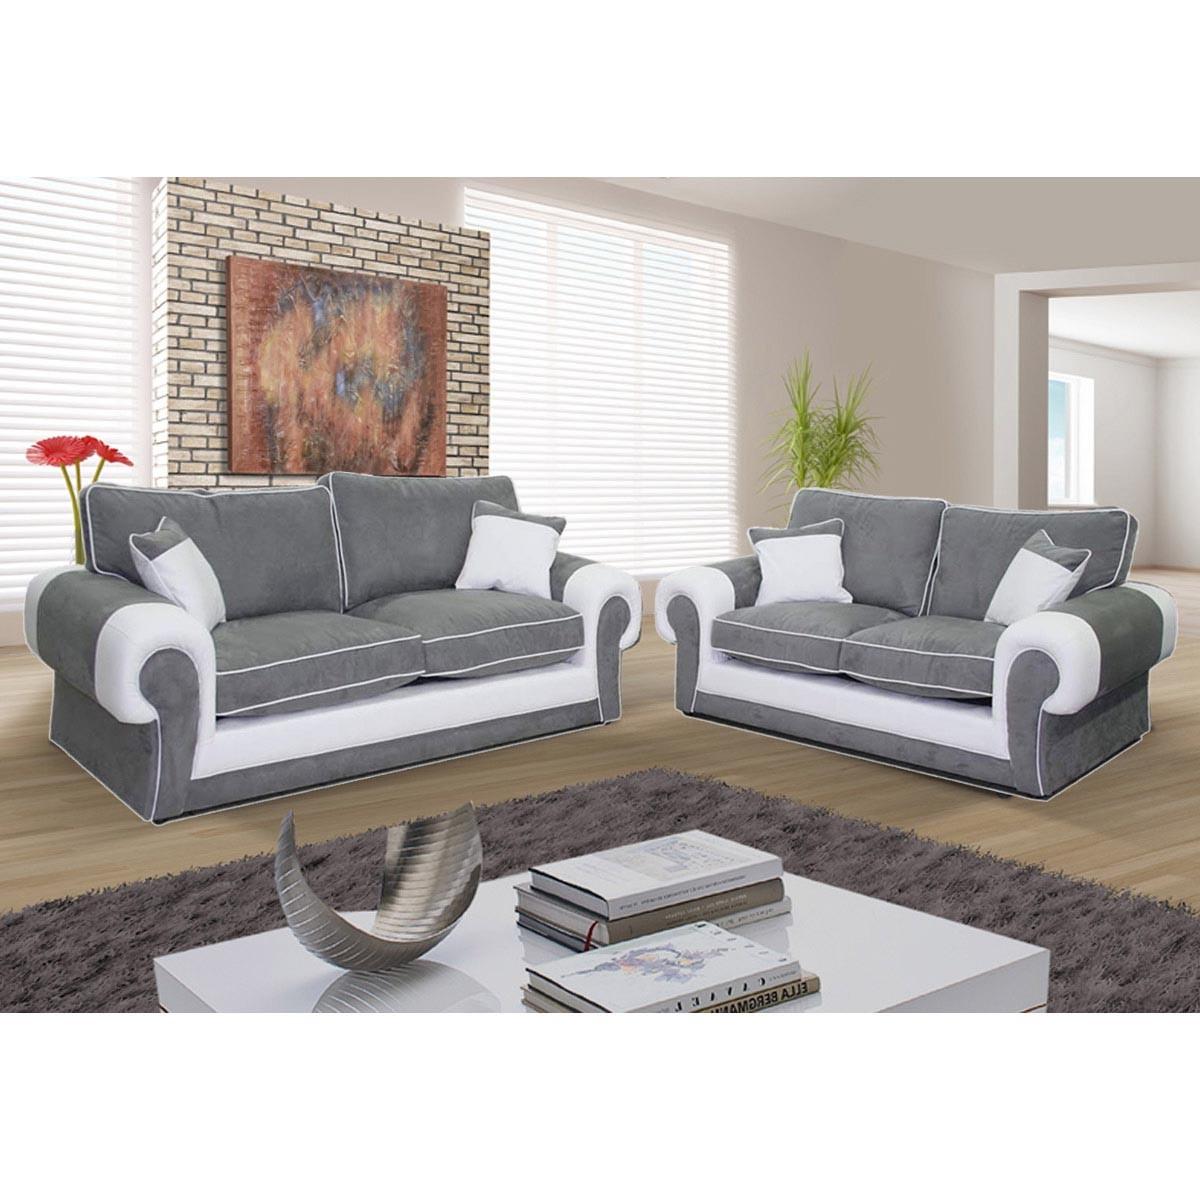 Canapé 3 places et canapé 2 places Nubuk gris pvc blanc